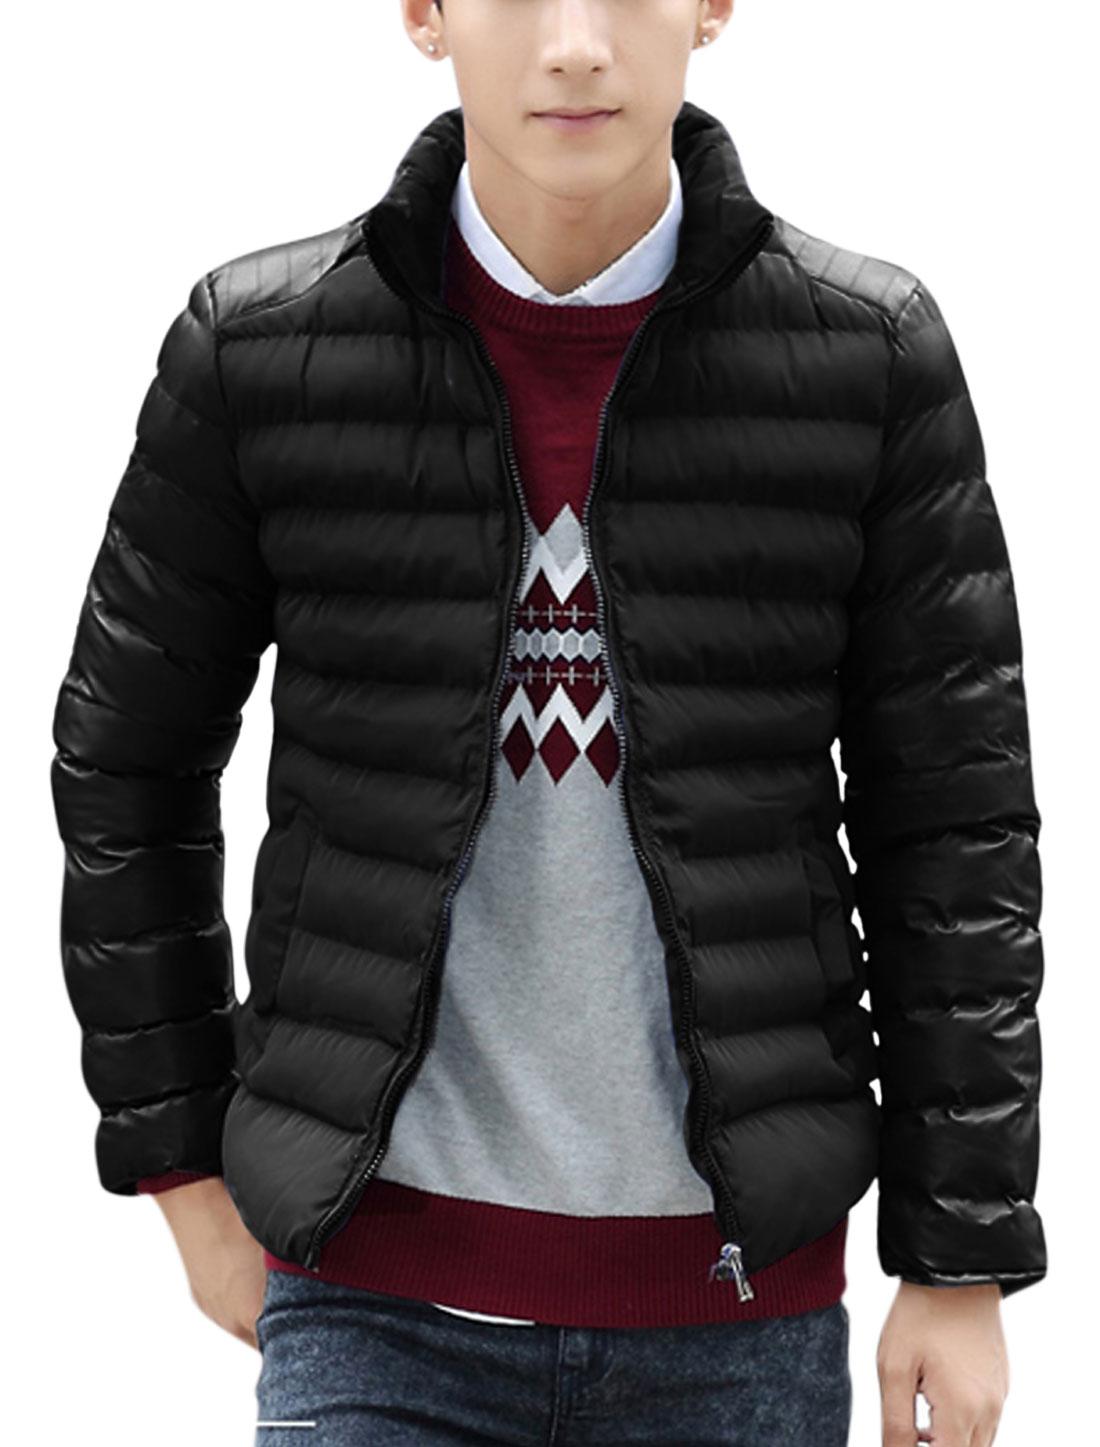 Men Black Zip Closure Front Pockets Splice Zipper Decor Casual Down Coat S